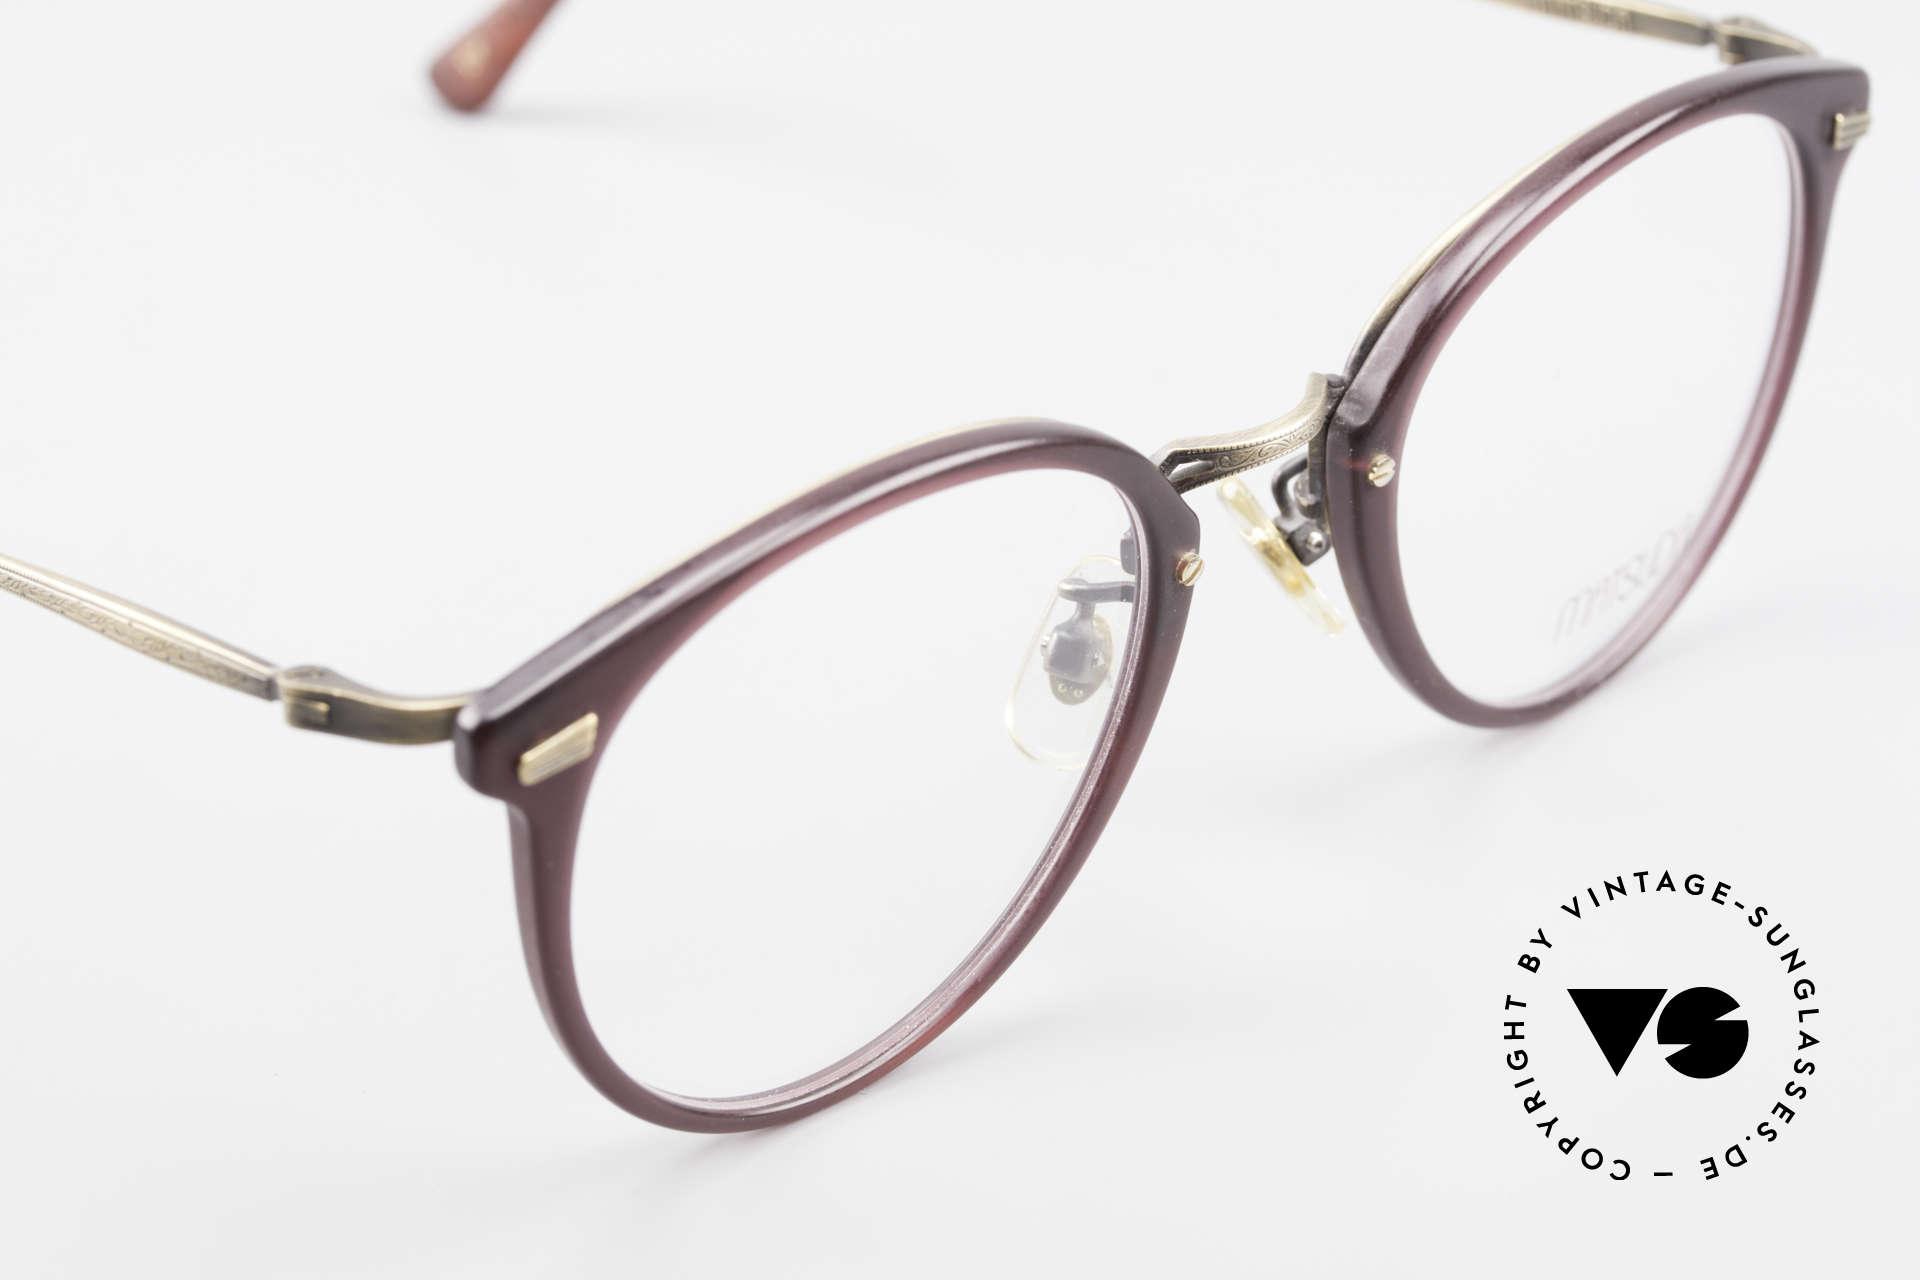 Matsuda 2836 Panto Stil 90er Luxus Brille, KEINE Retromode, sondern ein 25 Jahre altes ORIGINAL!, Passend für Herren und Damen